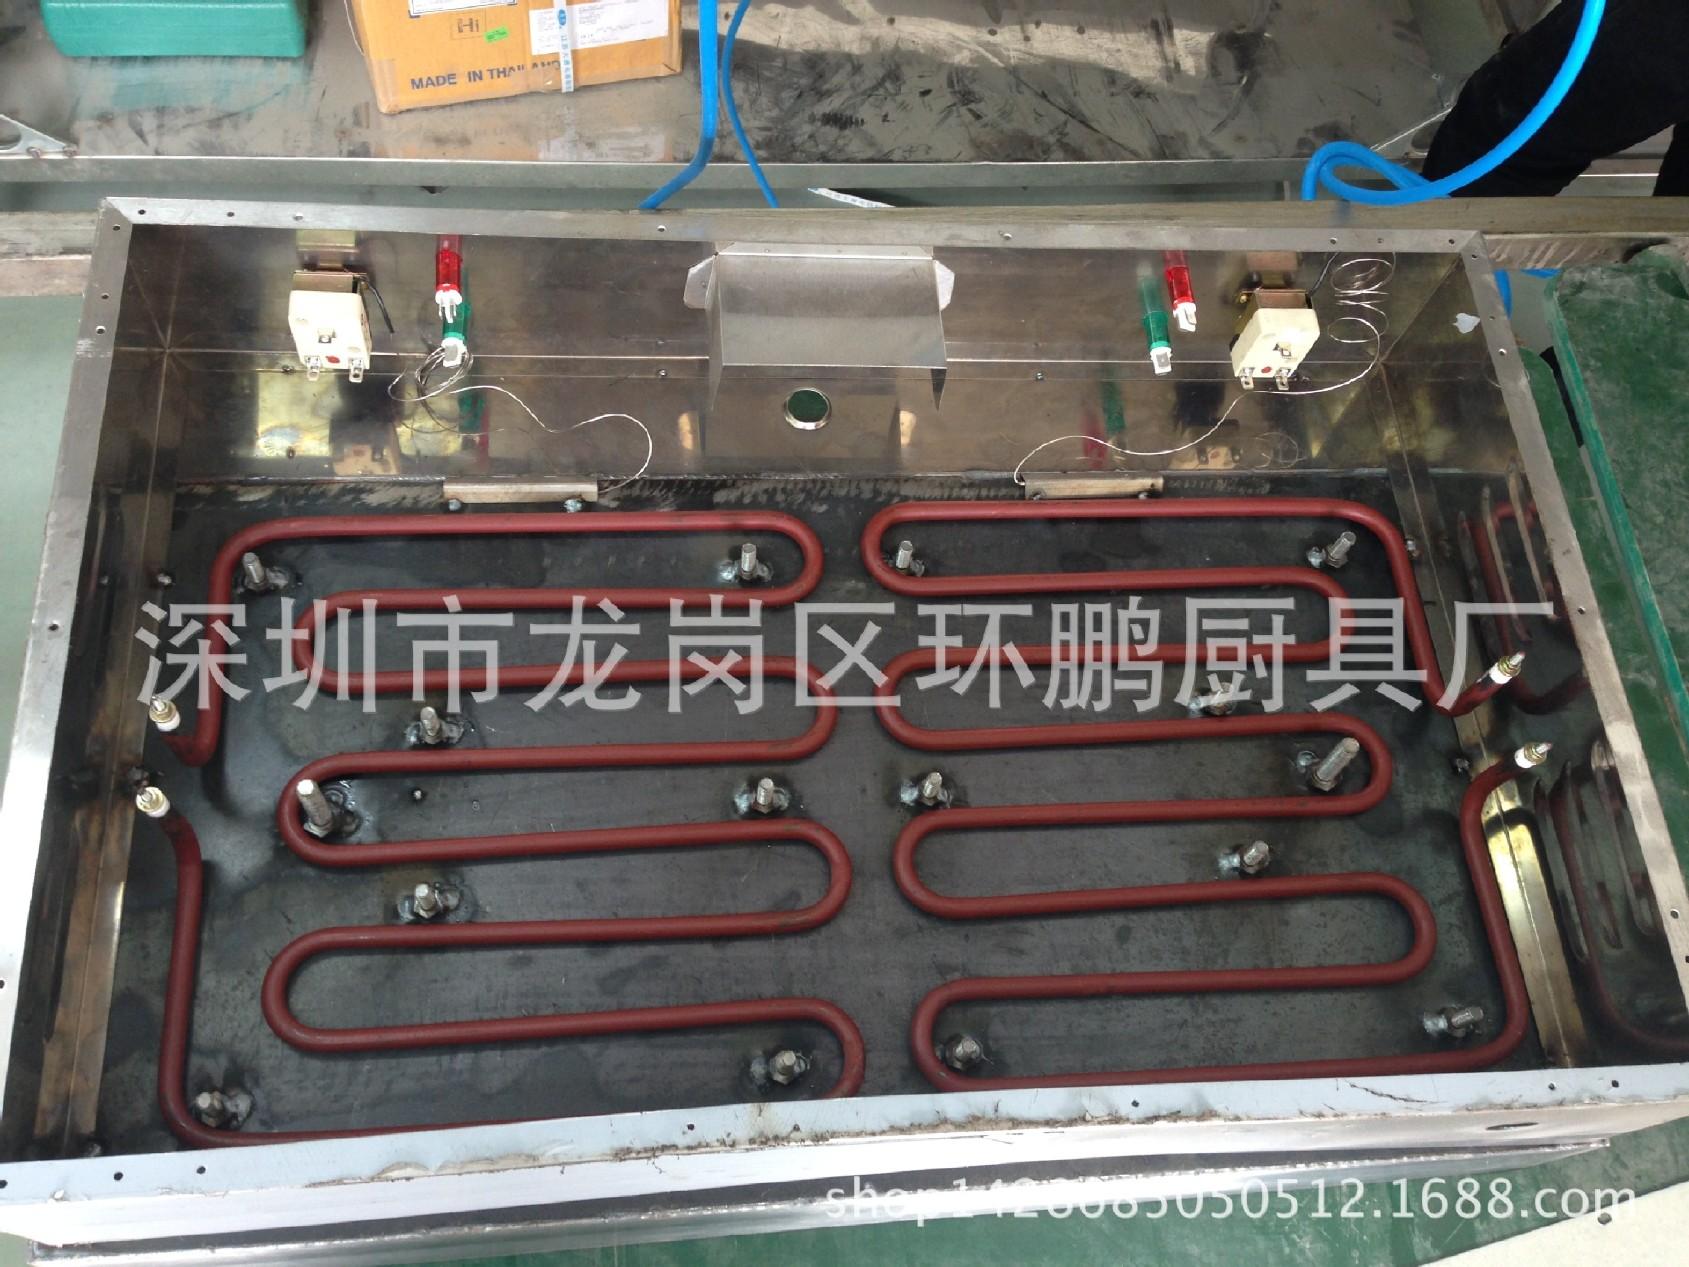 厂家直销不锈钢820电平扒炉煎饼炉加厚扒板双 4.2kw 炊事设备示例图57